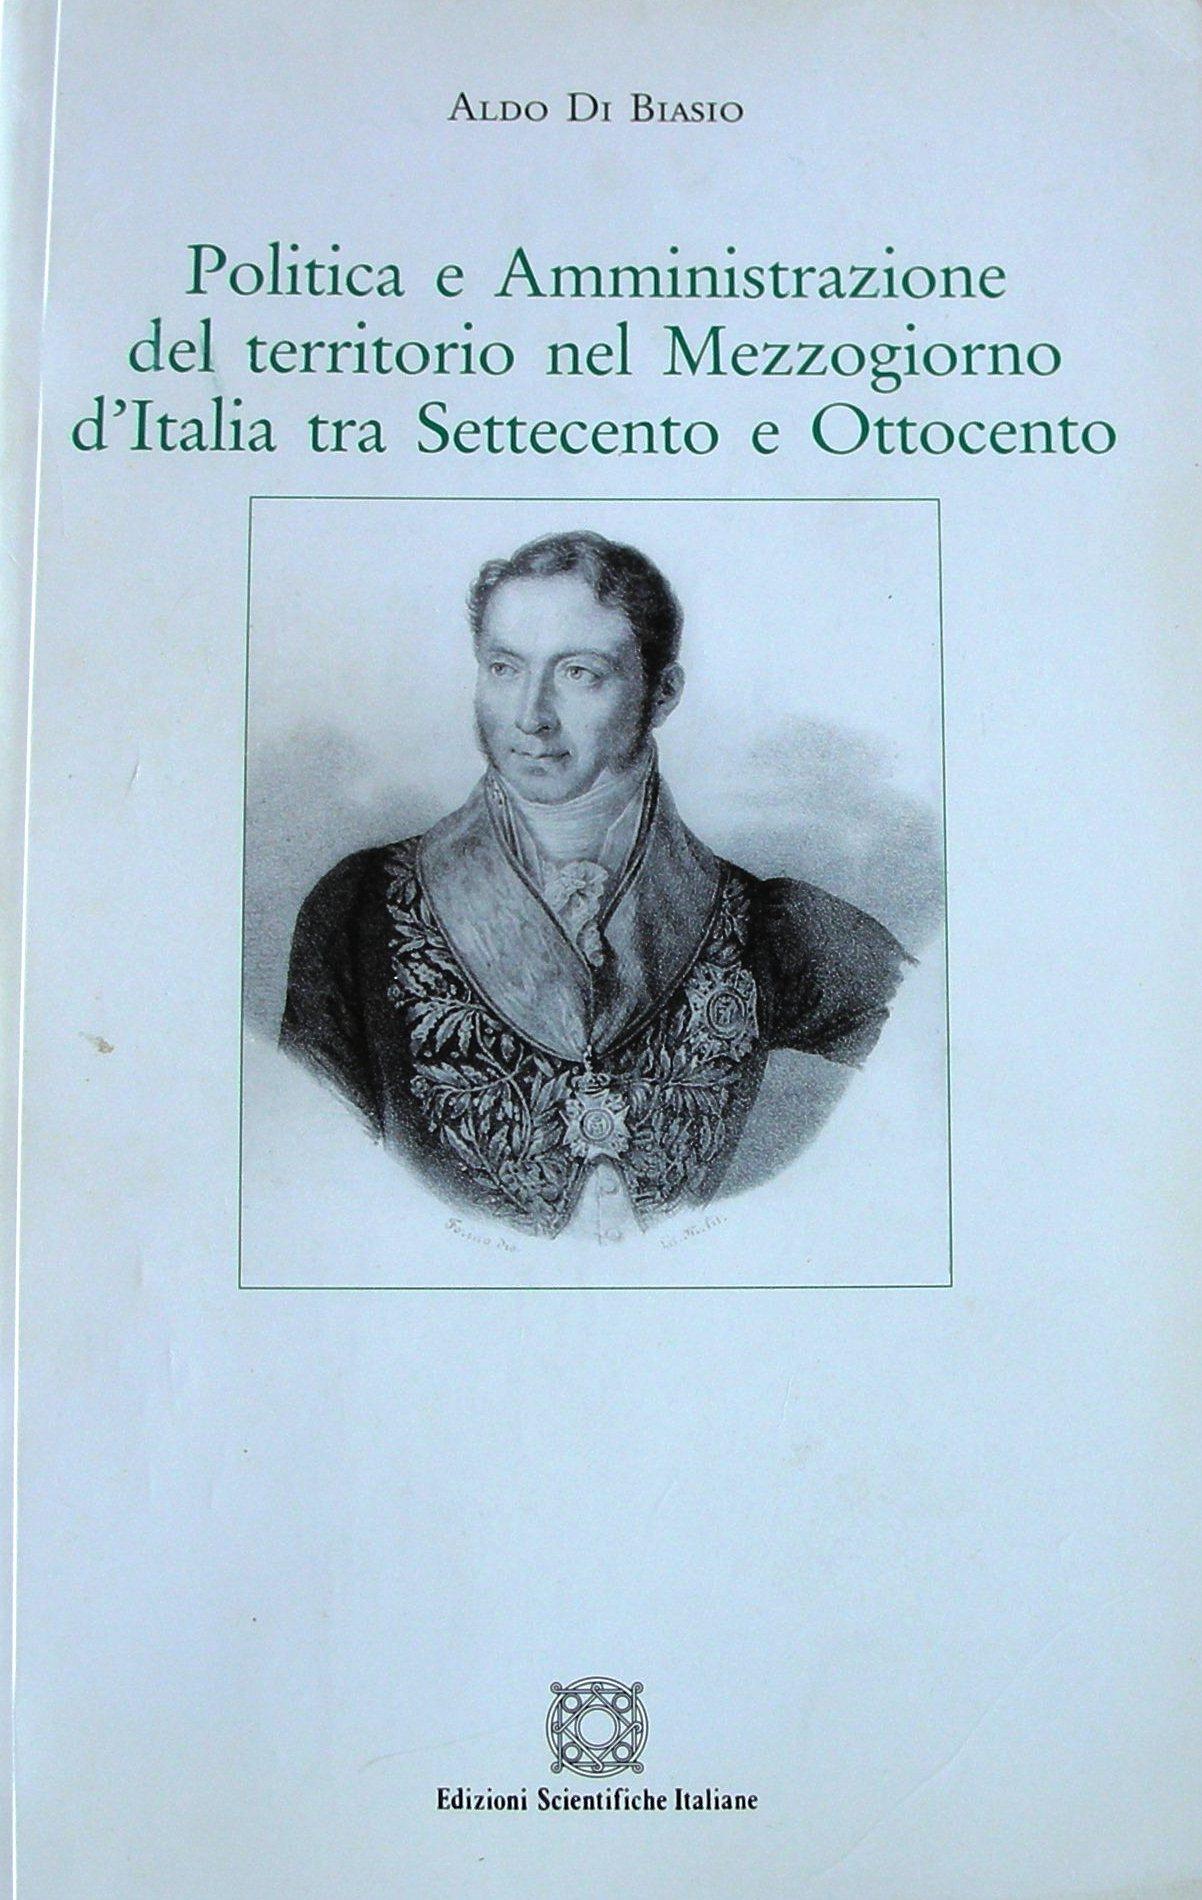 Politica e amministrazione del territorio nel Mezzogiorno d'Italia tra Settecento e Ottocento